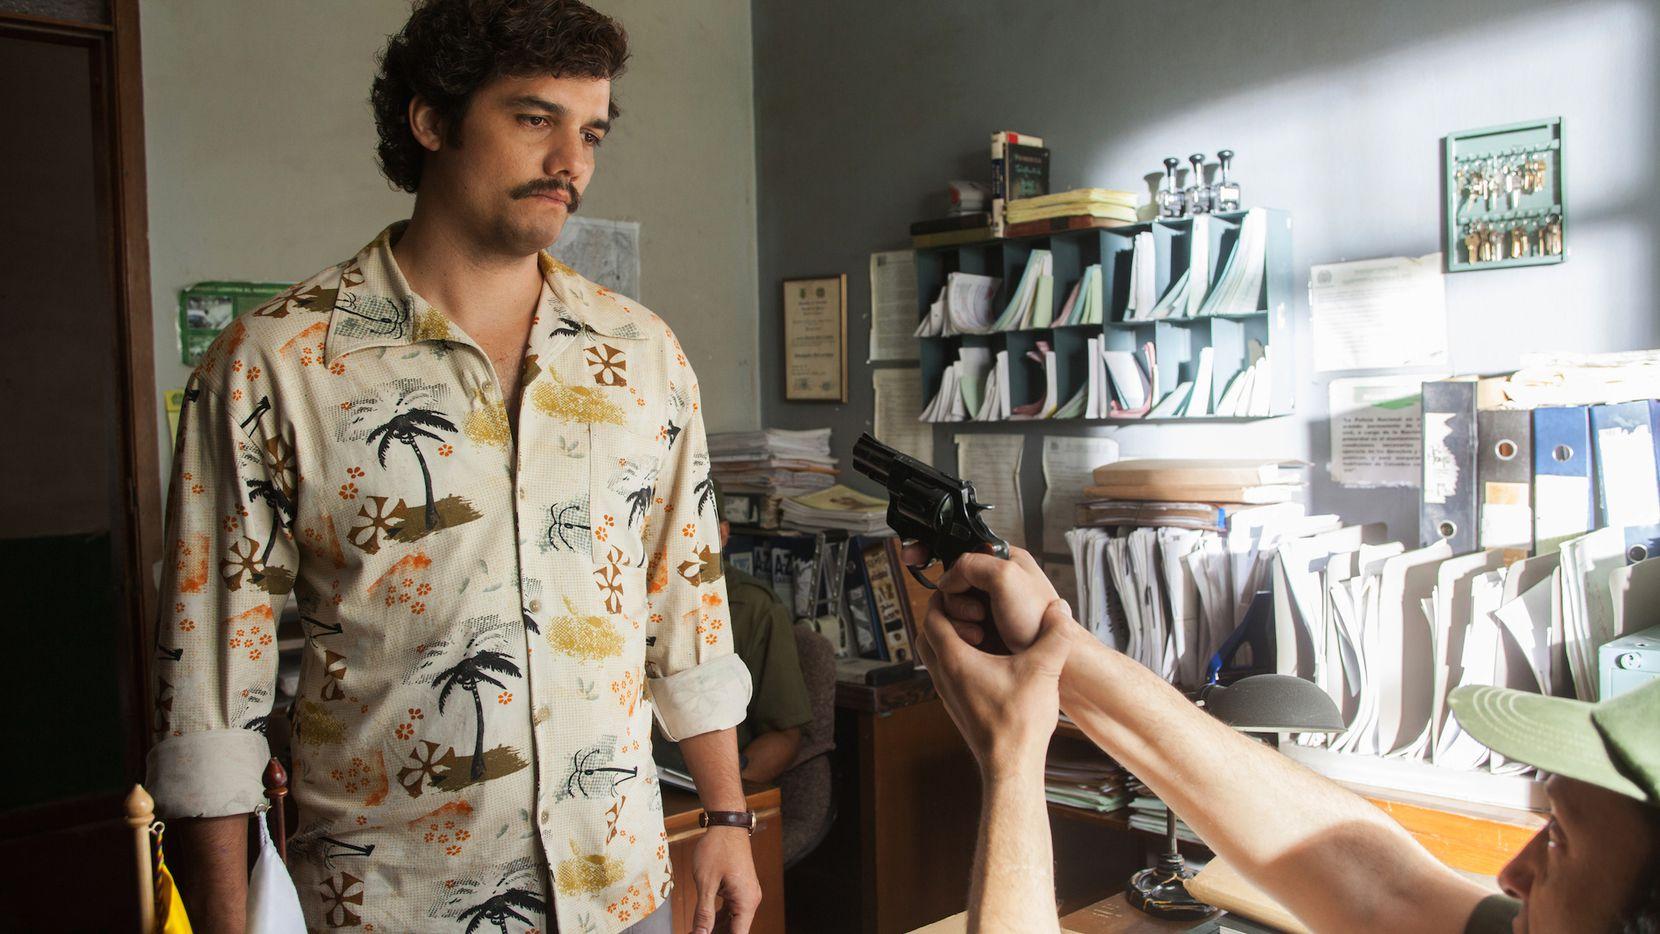 Wagner Moura interpreta a Pablo Escobar en la serie Narcos de Netflix.